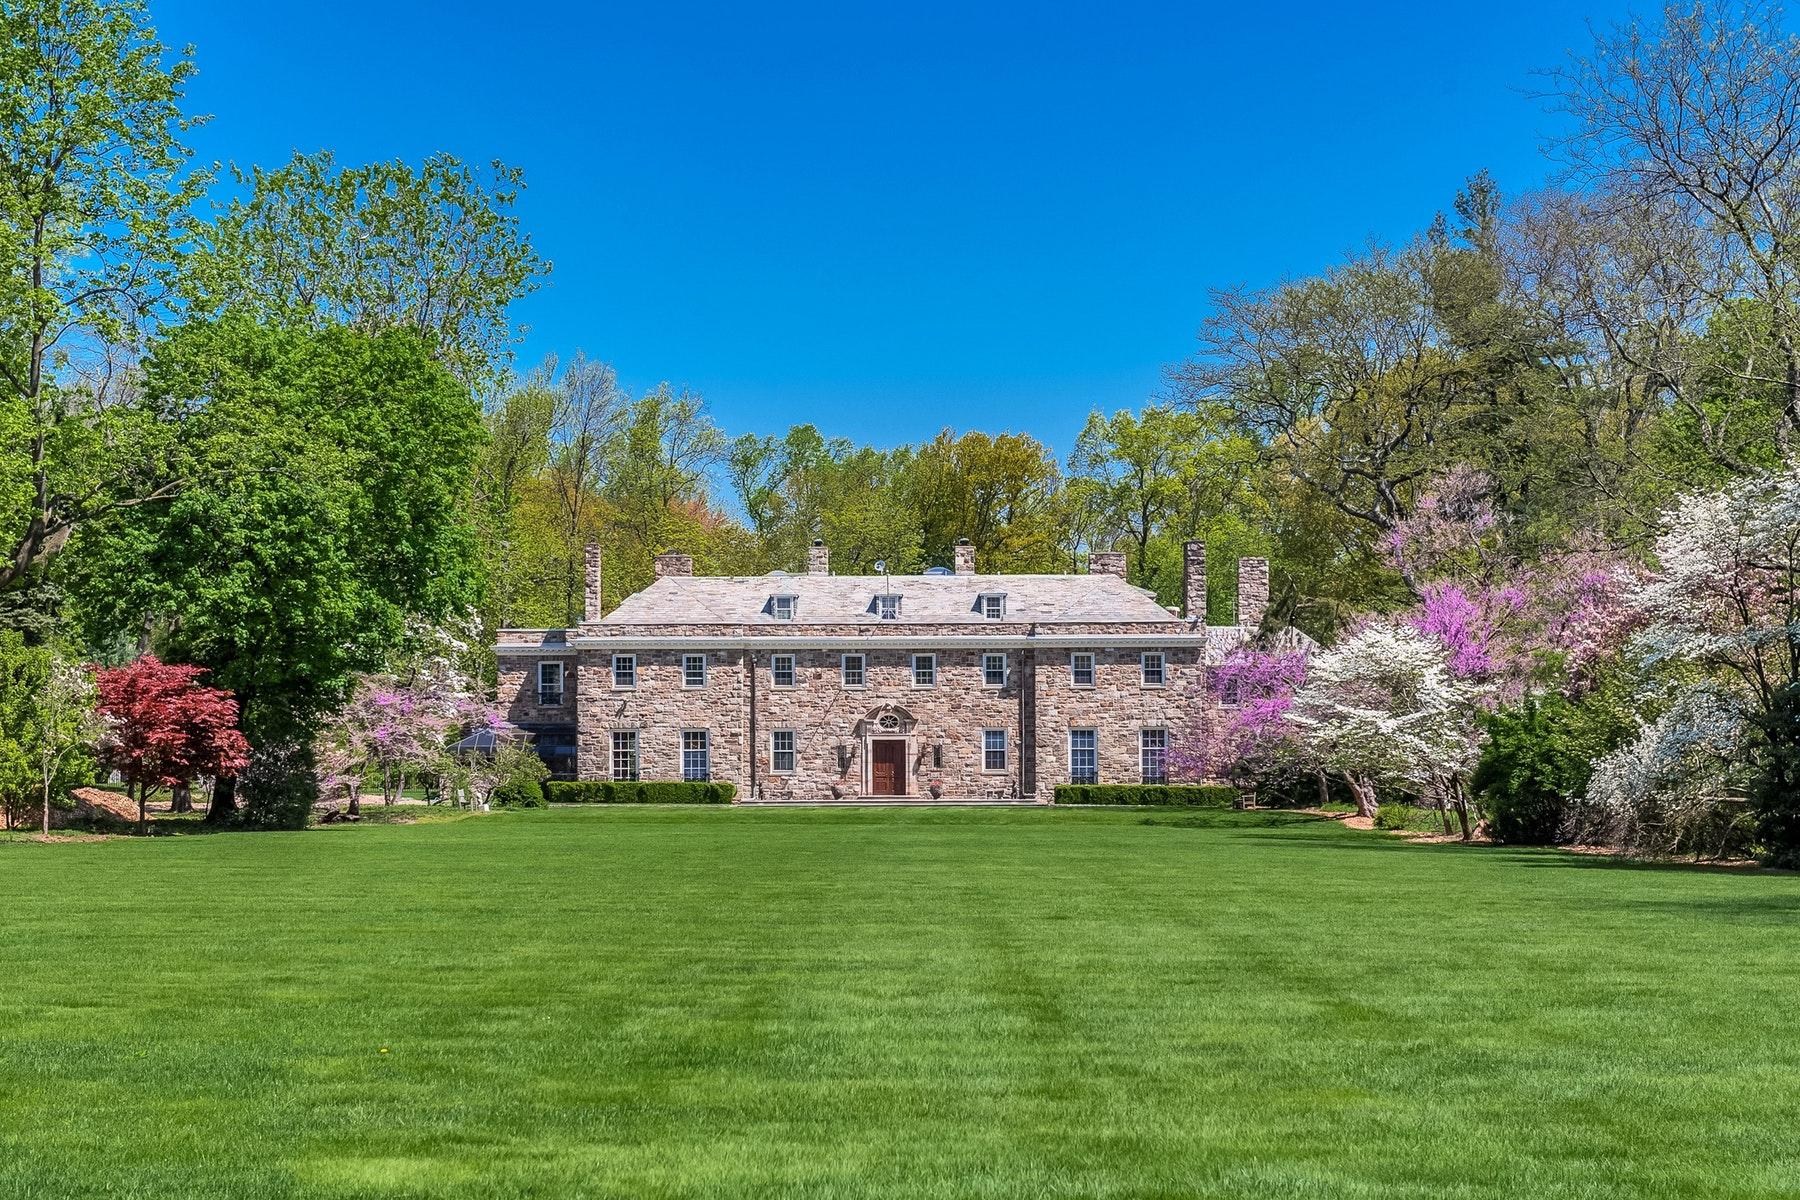 Single Family Homes için Satış at The Landmore Estate 10 Lynwood Way, West Orange, New Jersey 07052 Amerika Birleşik Devletleri